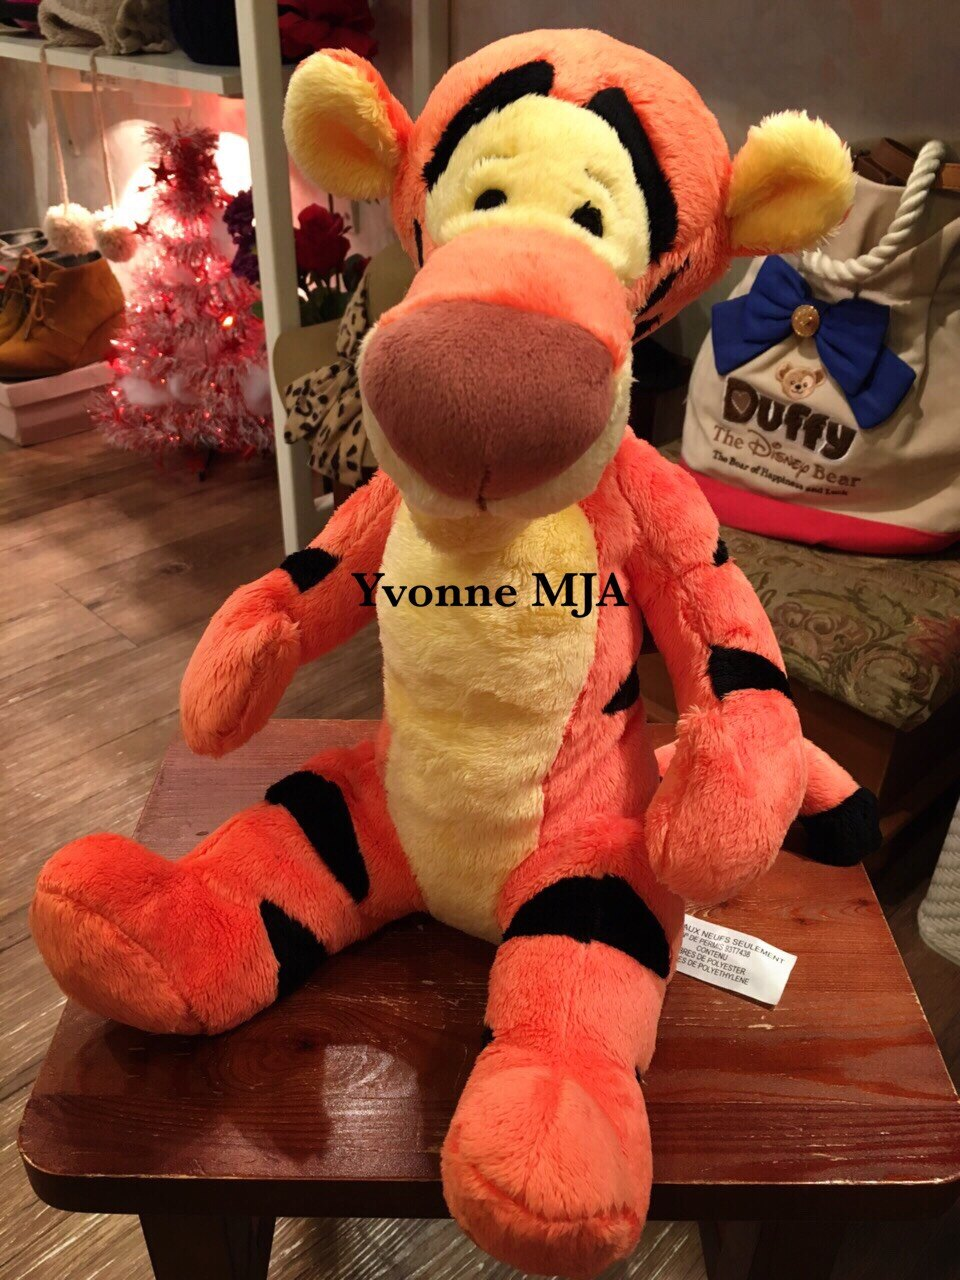 *Yvonne MJA美國代購*美國迪士尼Disney 樂園限定正品 維尼貼心好友 跳跳虎(Tiger)娃娃